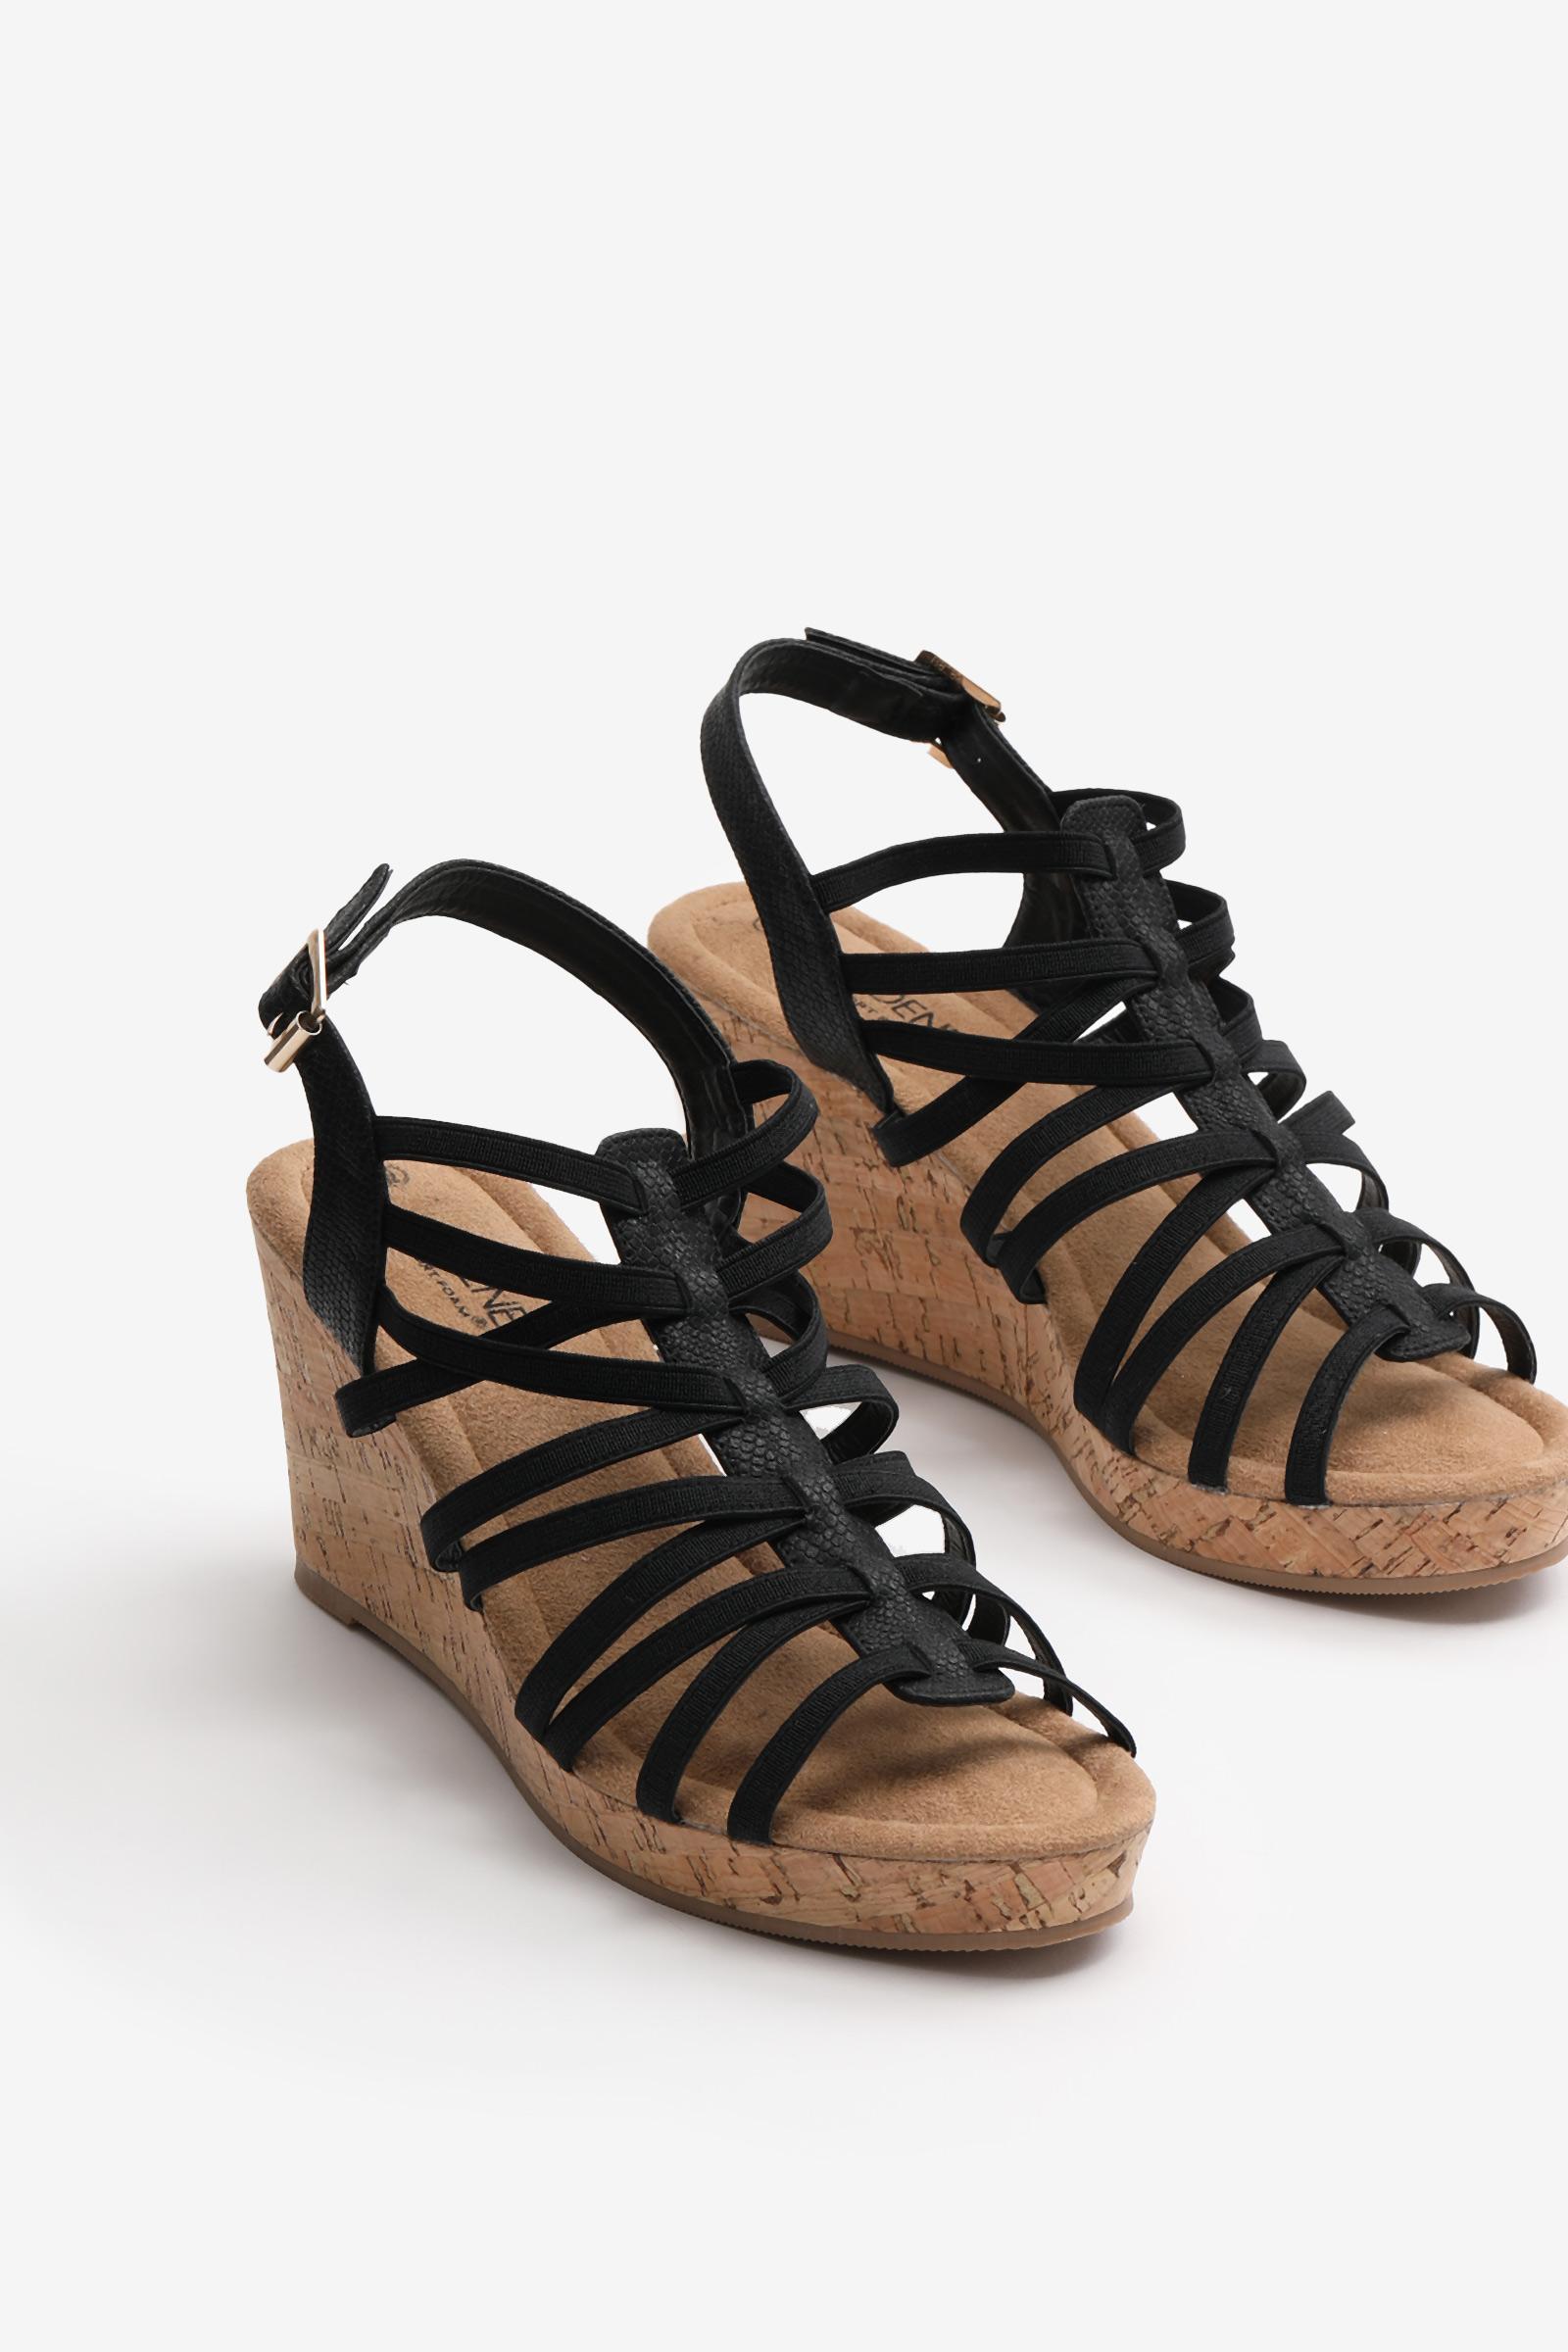 Cork Wedge Strappy Sandals